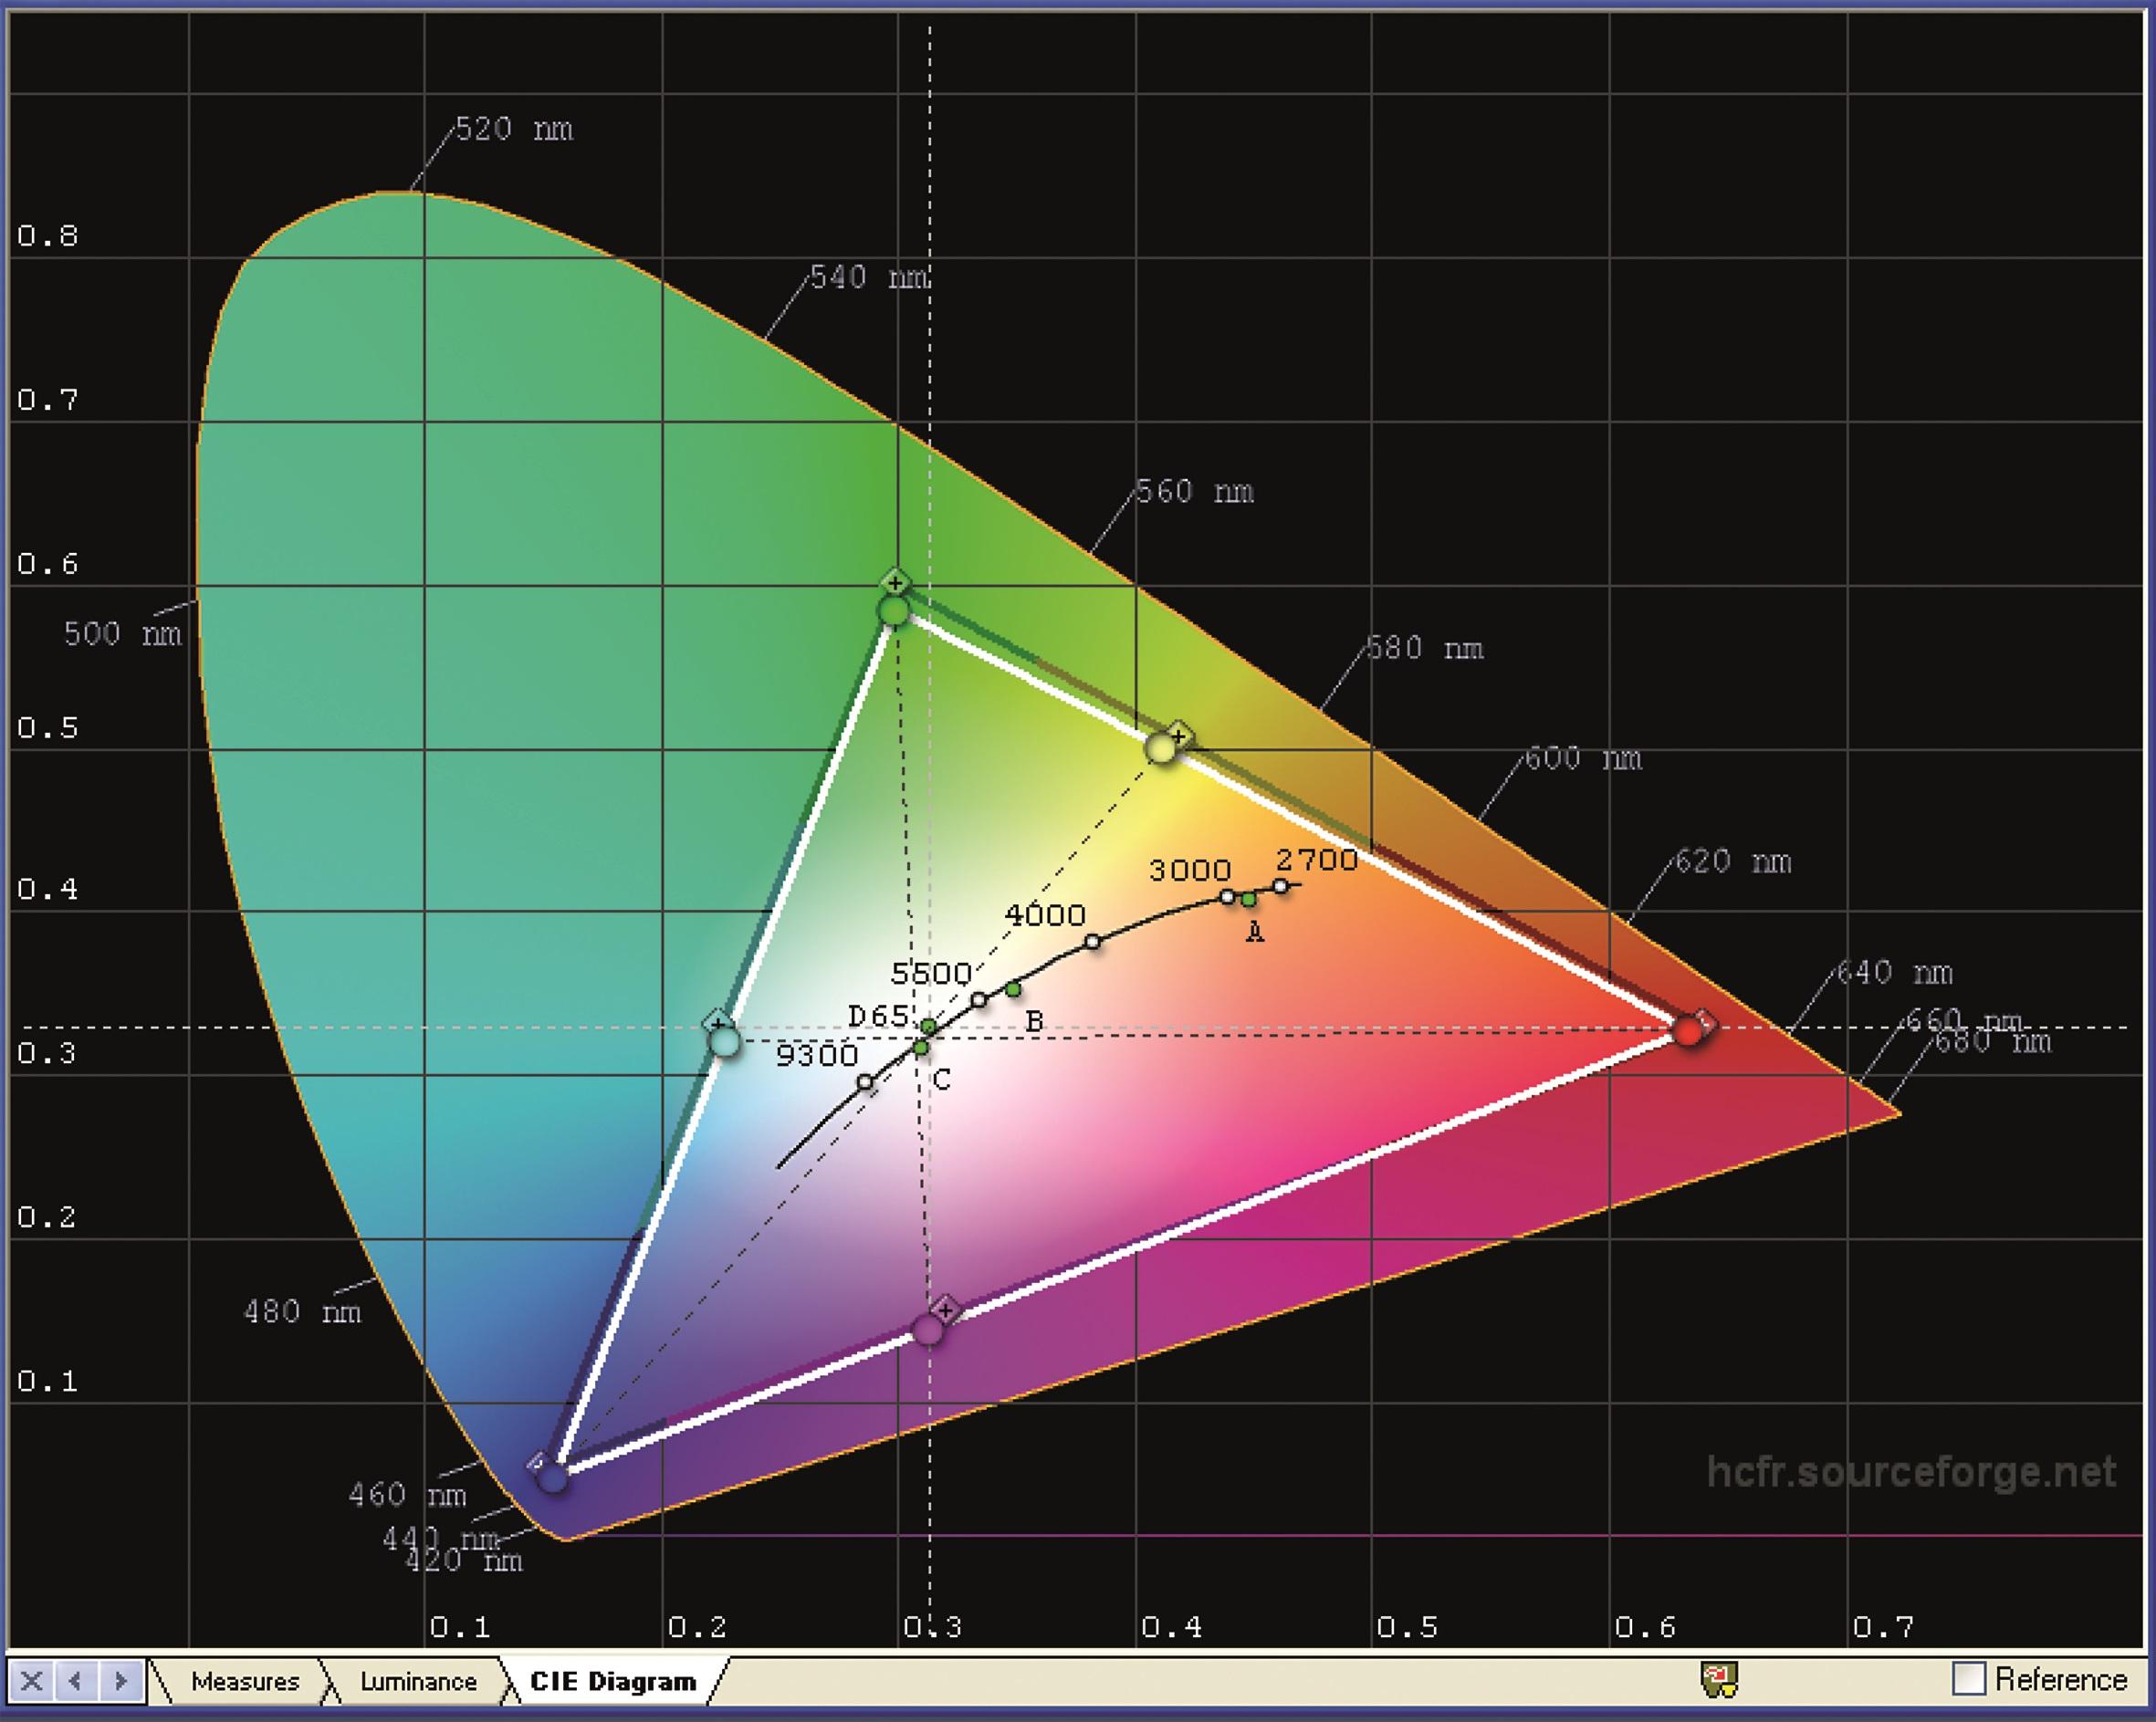 Der HDTV-Farbraum wird nahezu vollständig und recht präzise abgedeckt.